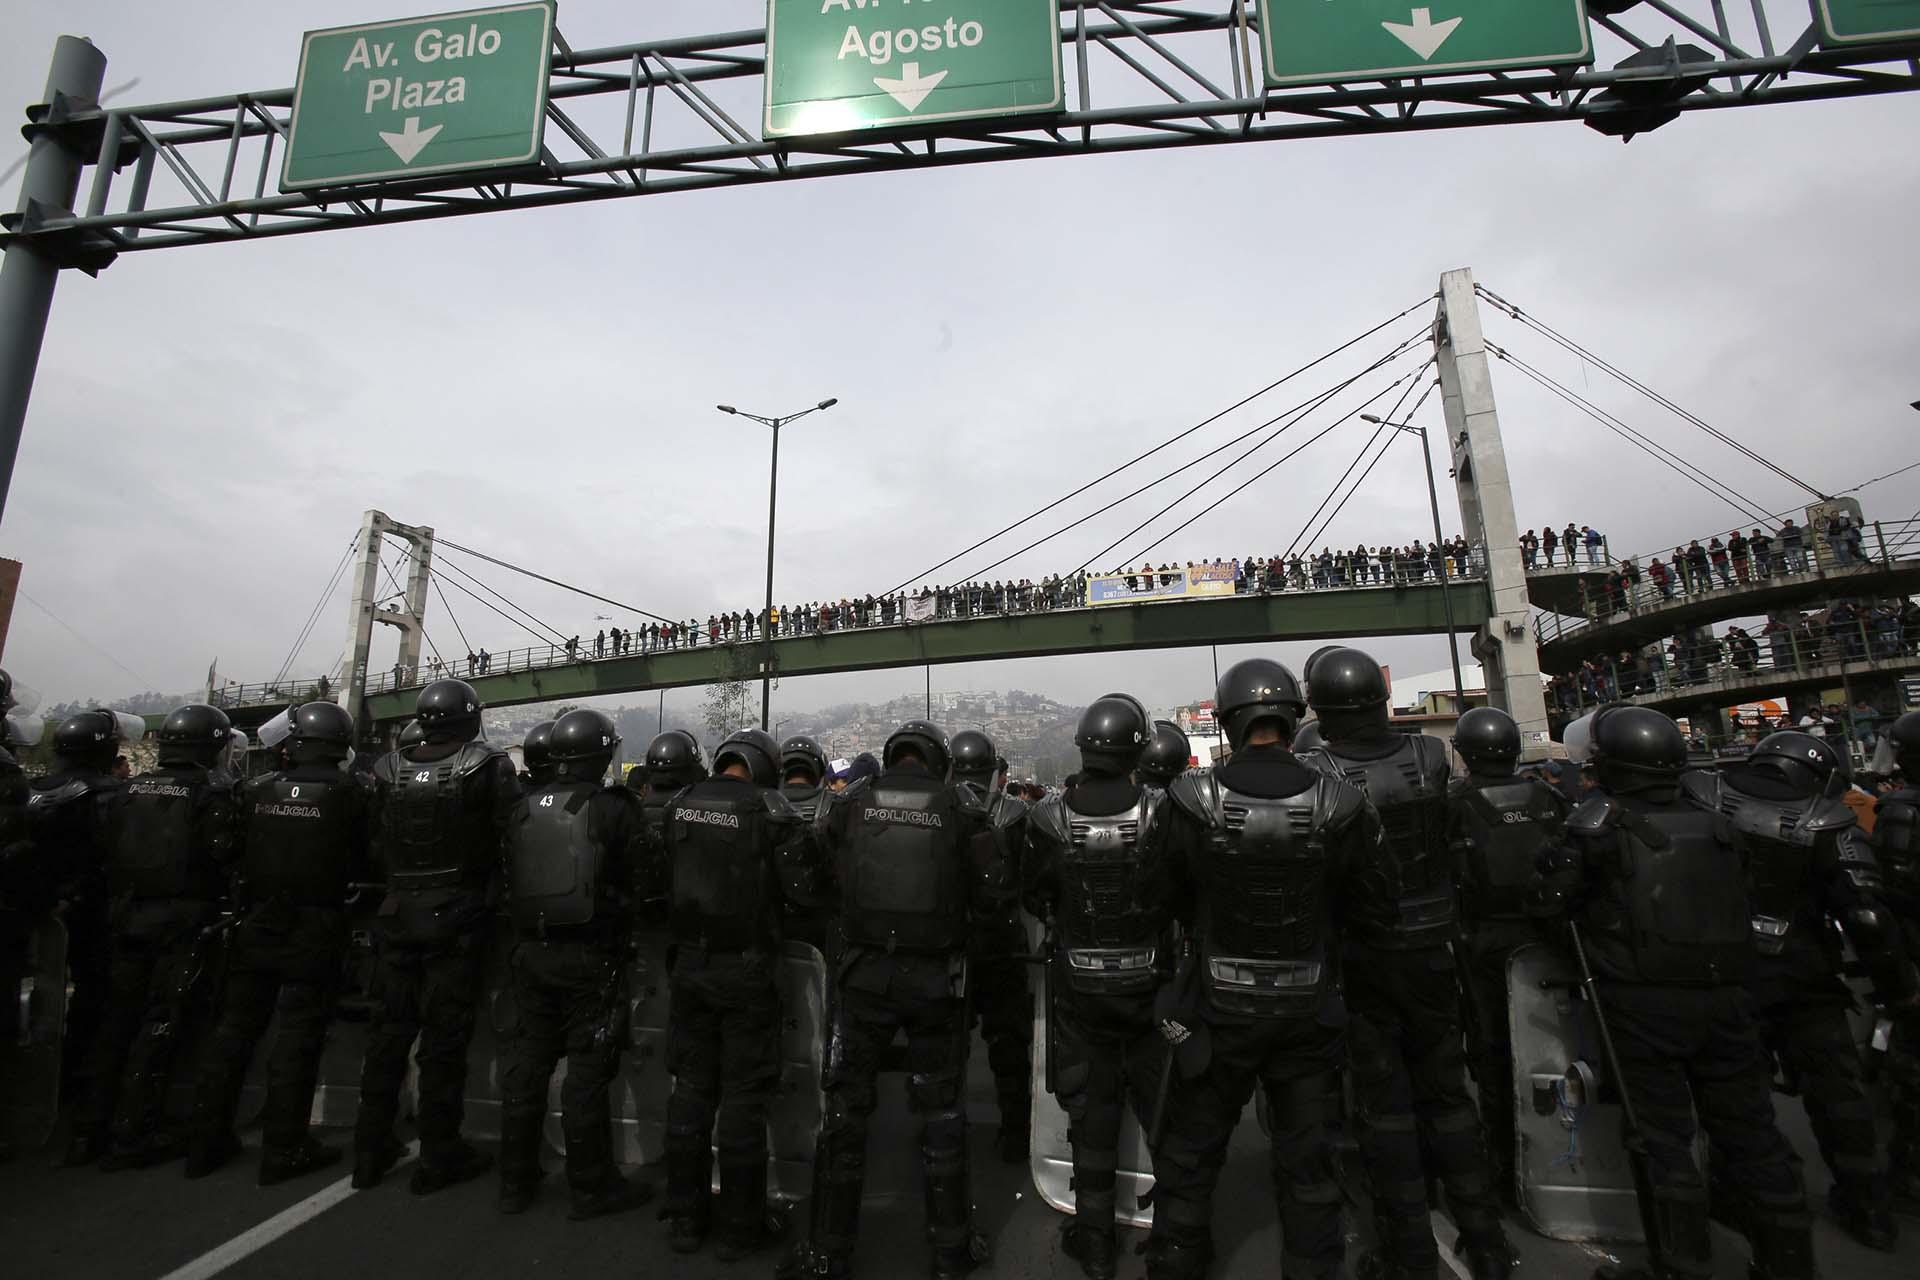 Los manifestantes cortaron autopistas en rechazo al aumento de los precios del combustible (AP Photo/Dolores Ochoa)